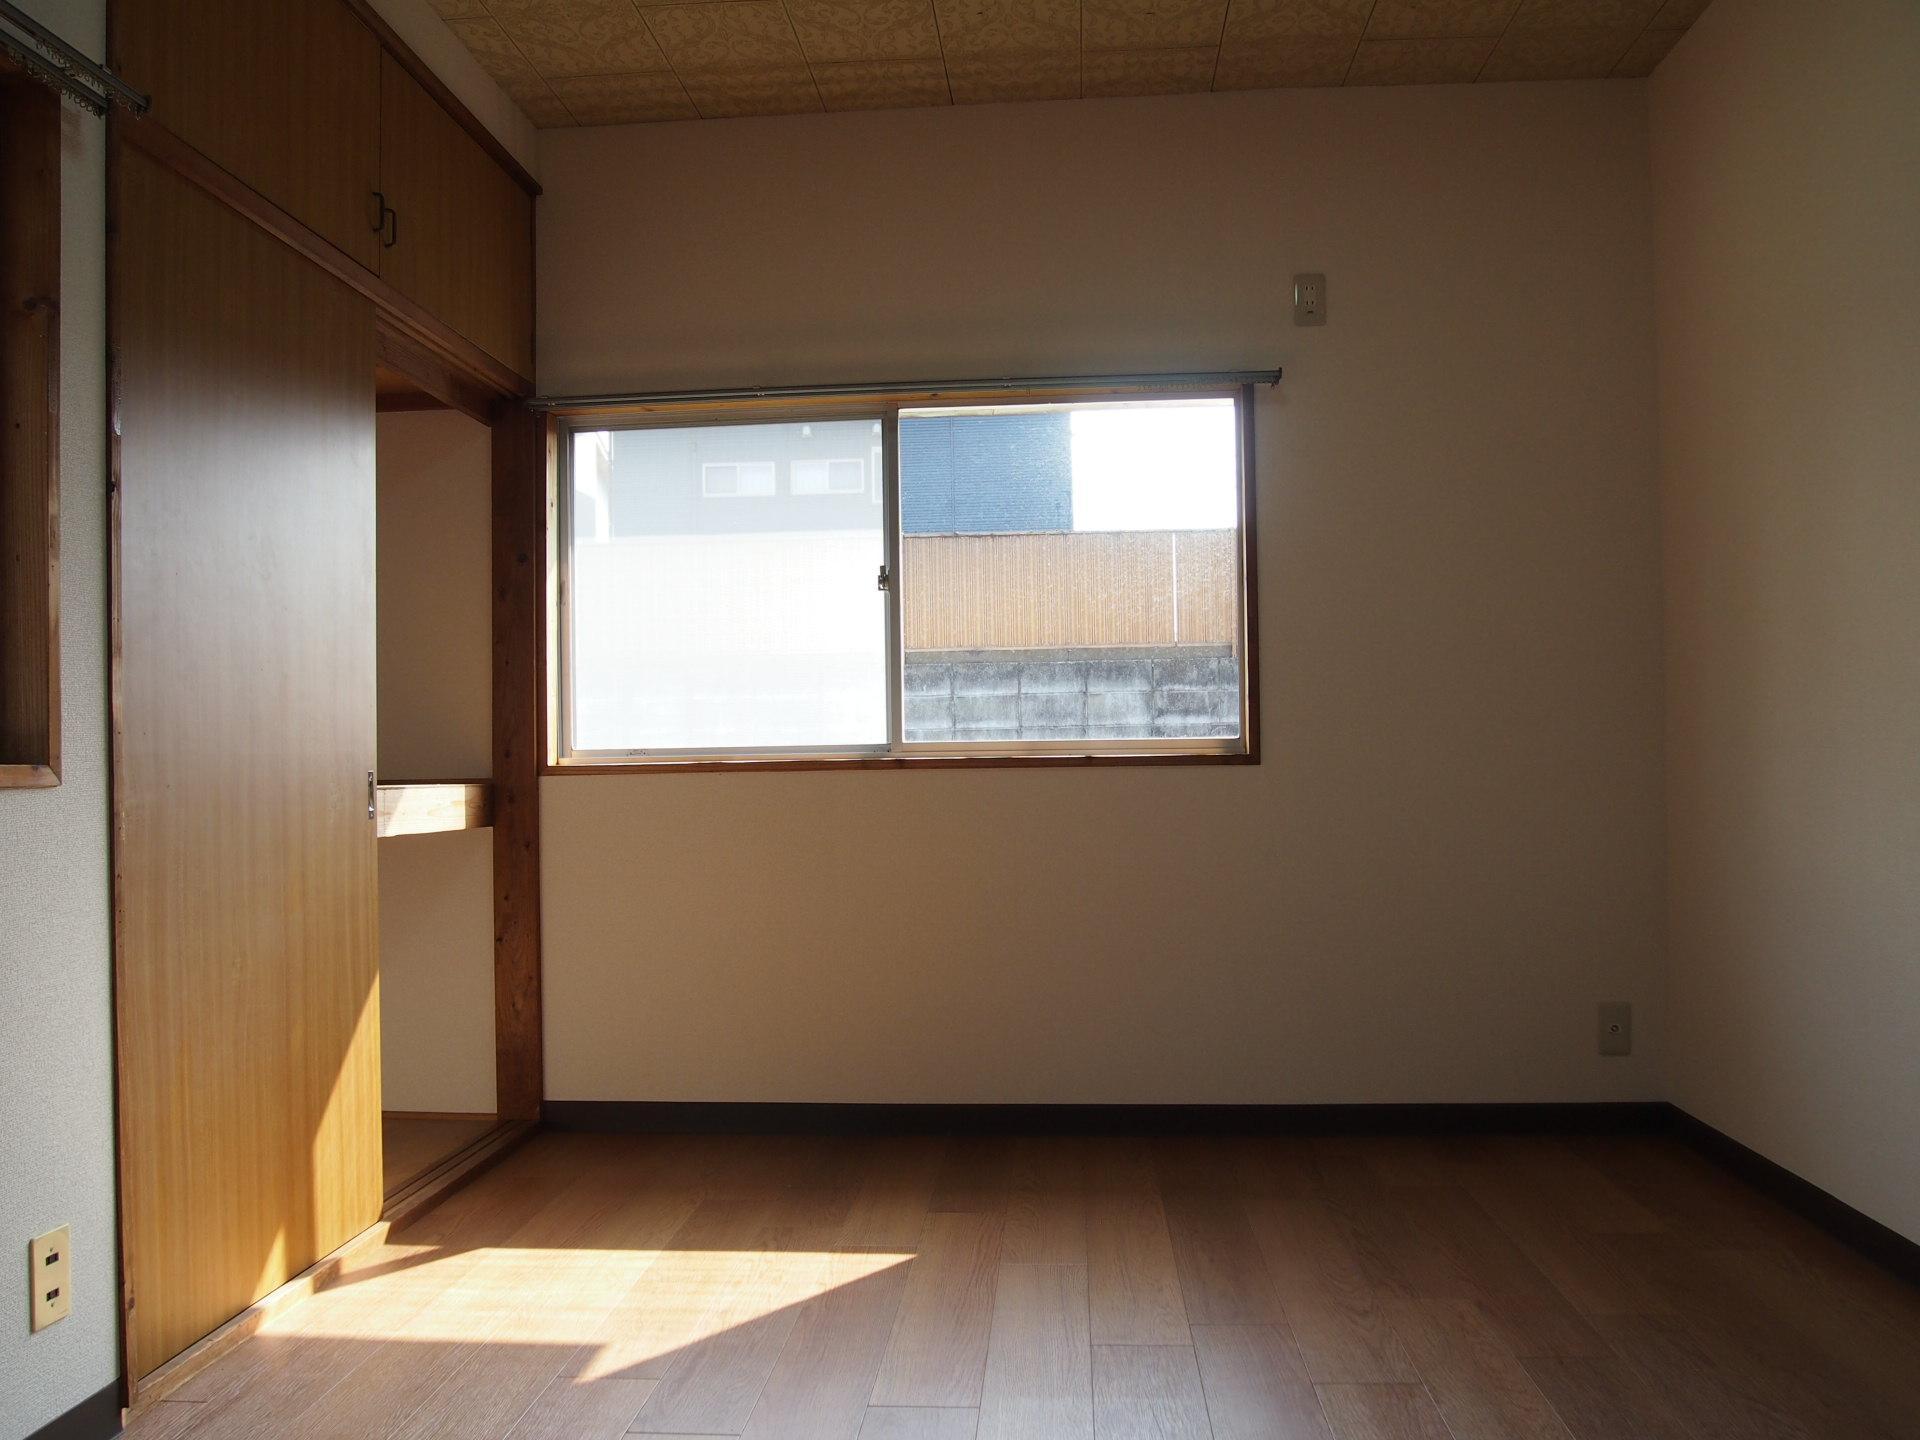 どのお部屋も程よい陽光が入ってました。